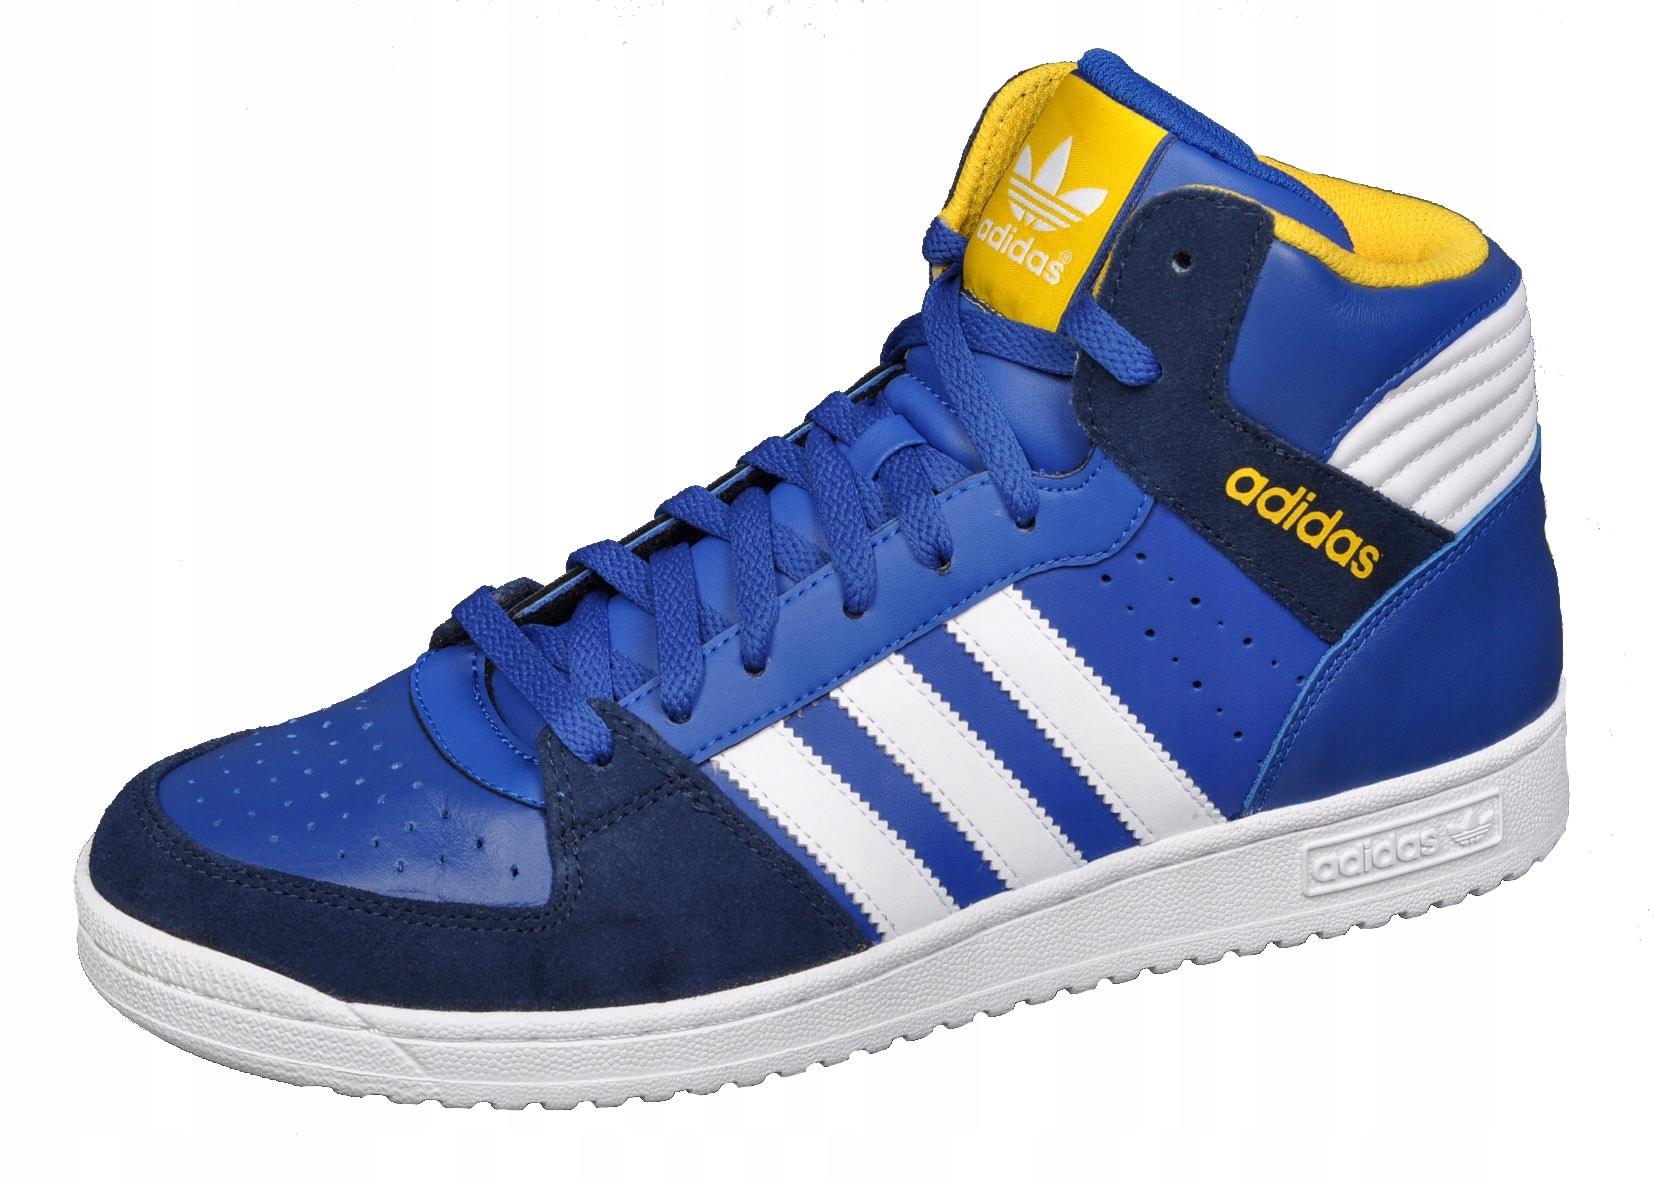 sports shoes e96e1 06bbd ... f4b51c3109c8 BUTY ADIDAS PRO PLAY 2 B35364 r..42 WYPRZEDAŻ - 7473563164  - oficjalne 17fd8e209ab1 Buty męskie Adidas Hoops 2.0 MID ...